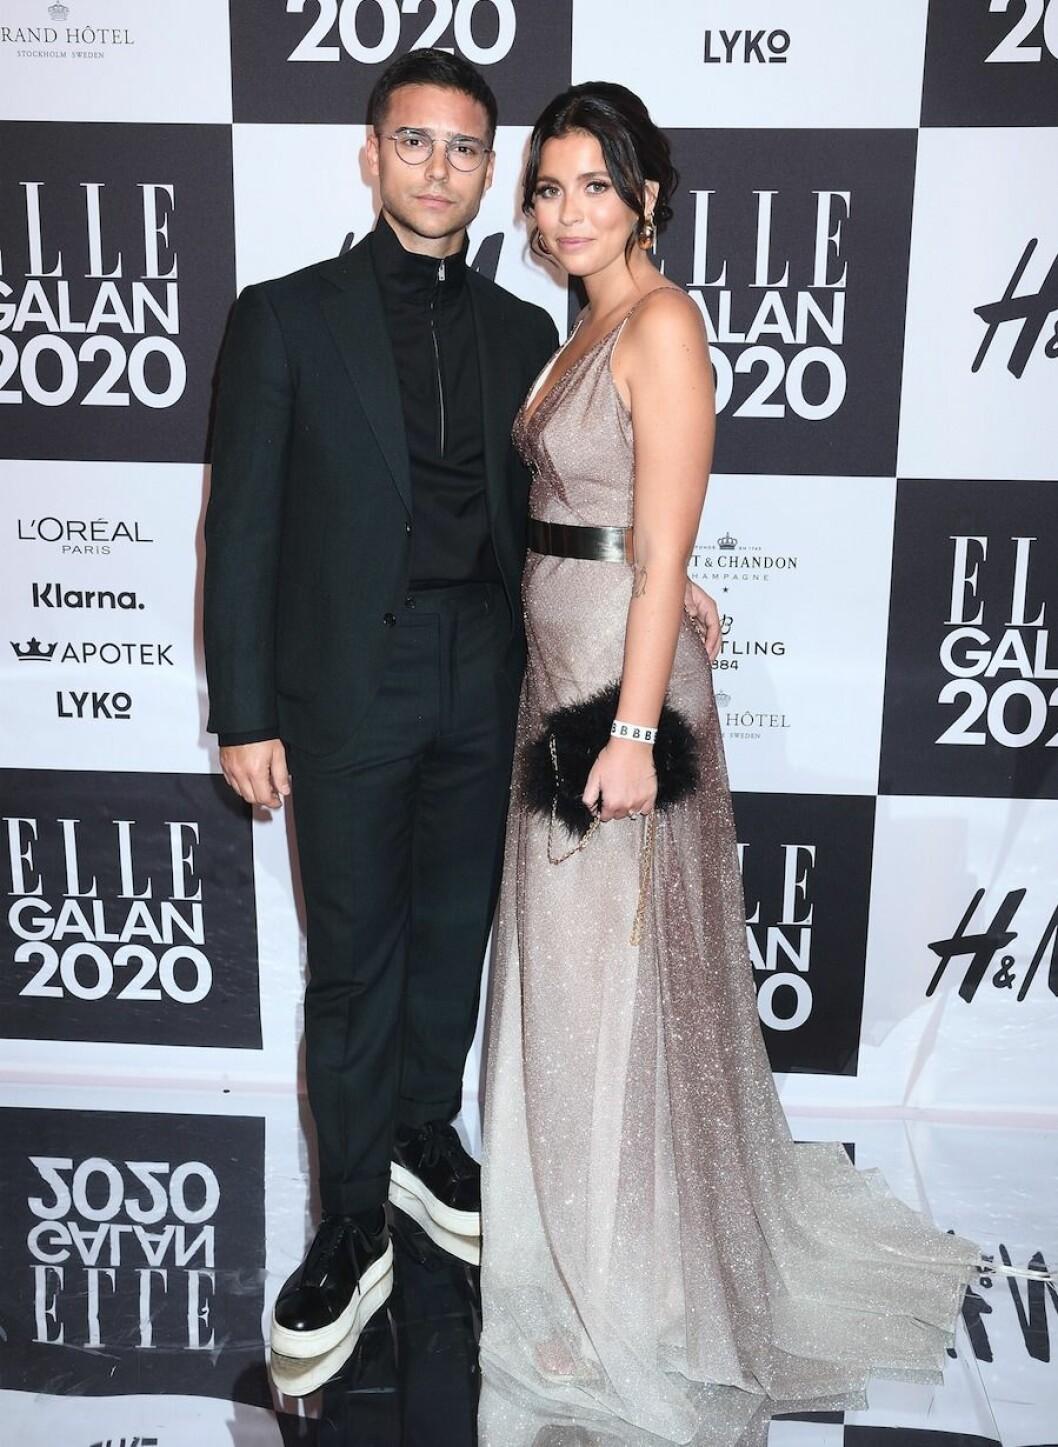 Eric Saade och fästmön Nicole Falciani uppklädda på ELLE-galans röda matta 2020